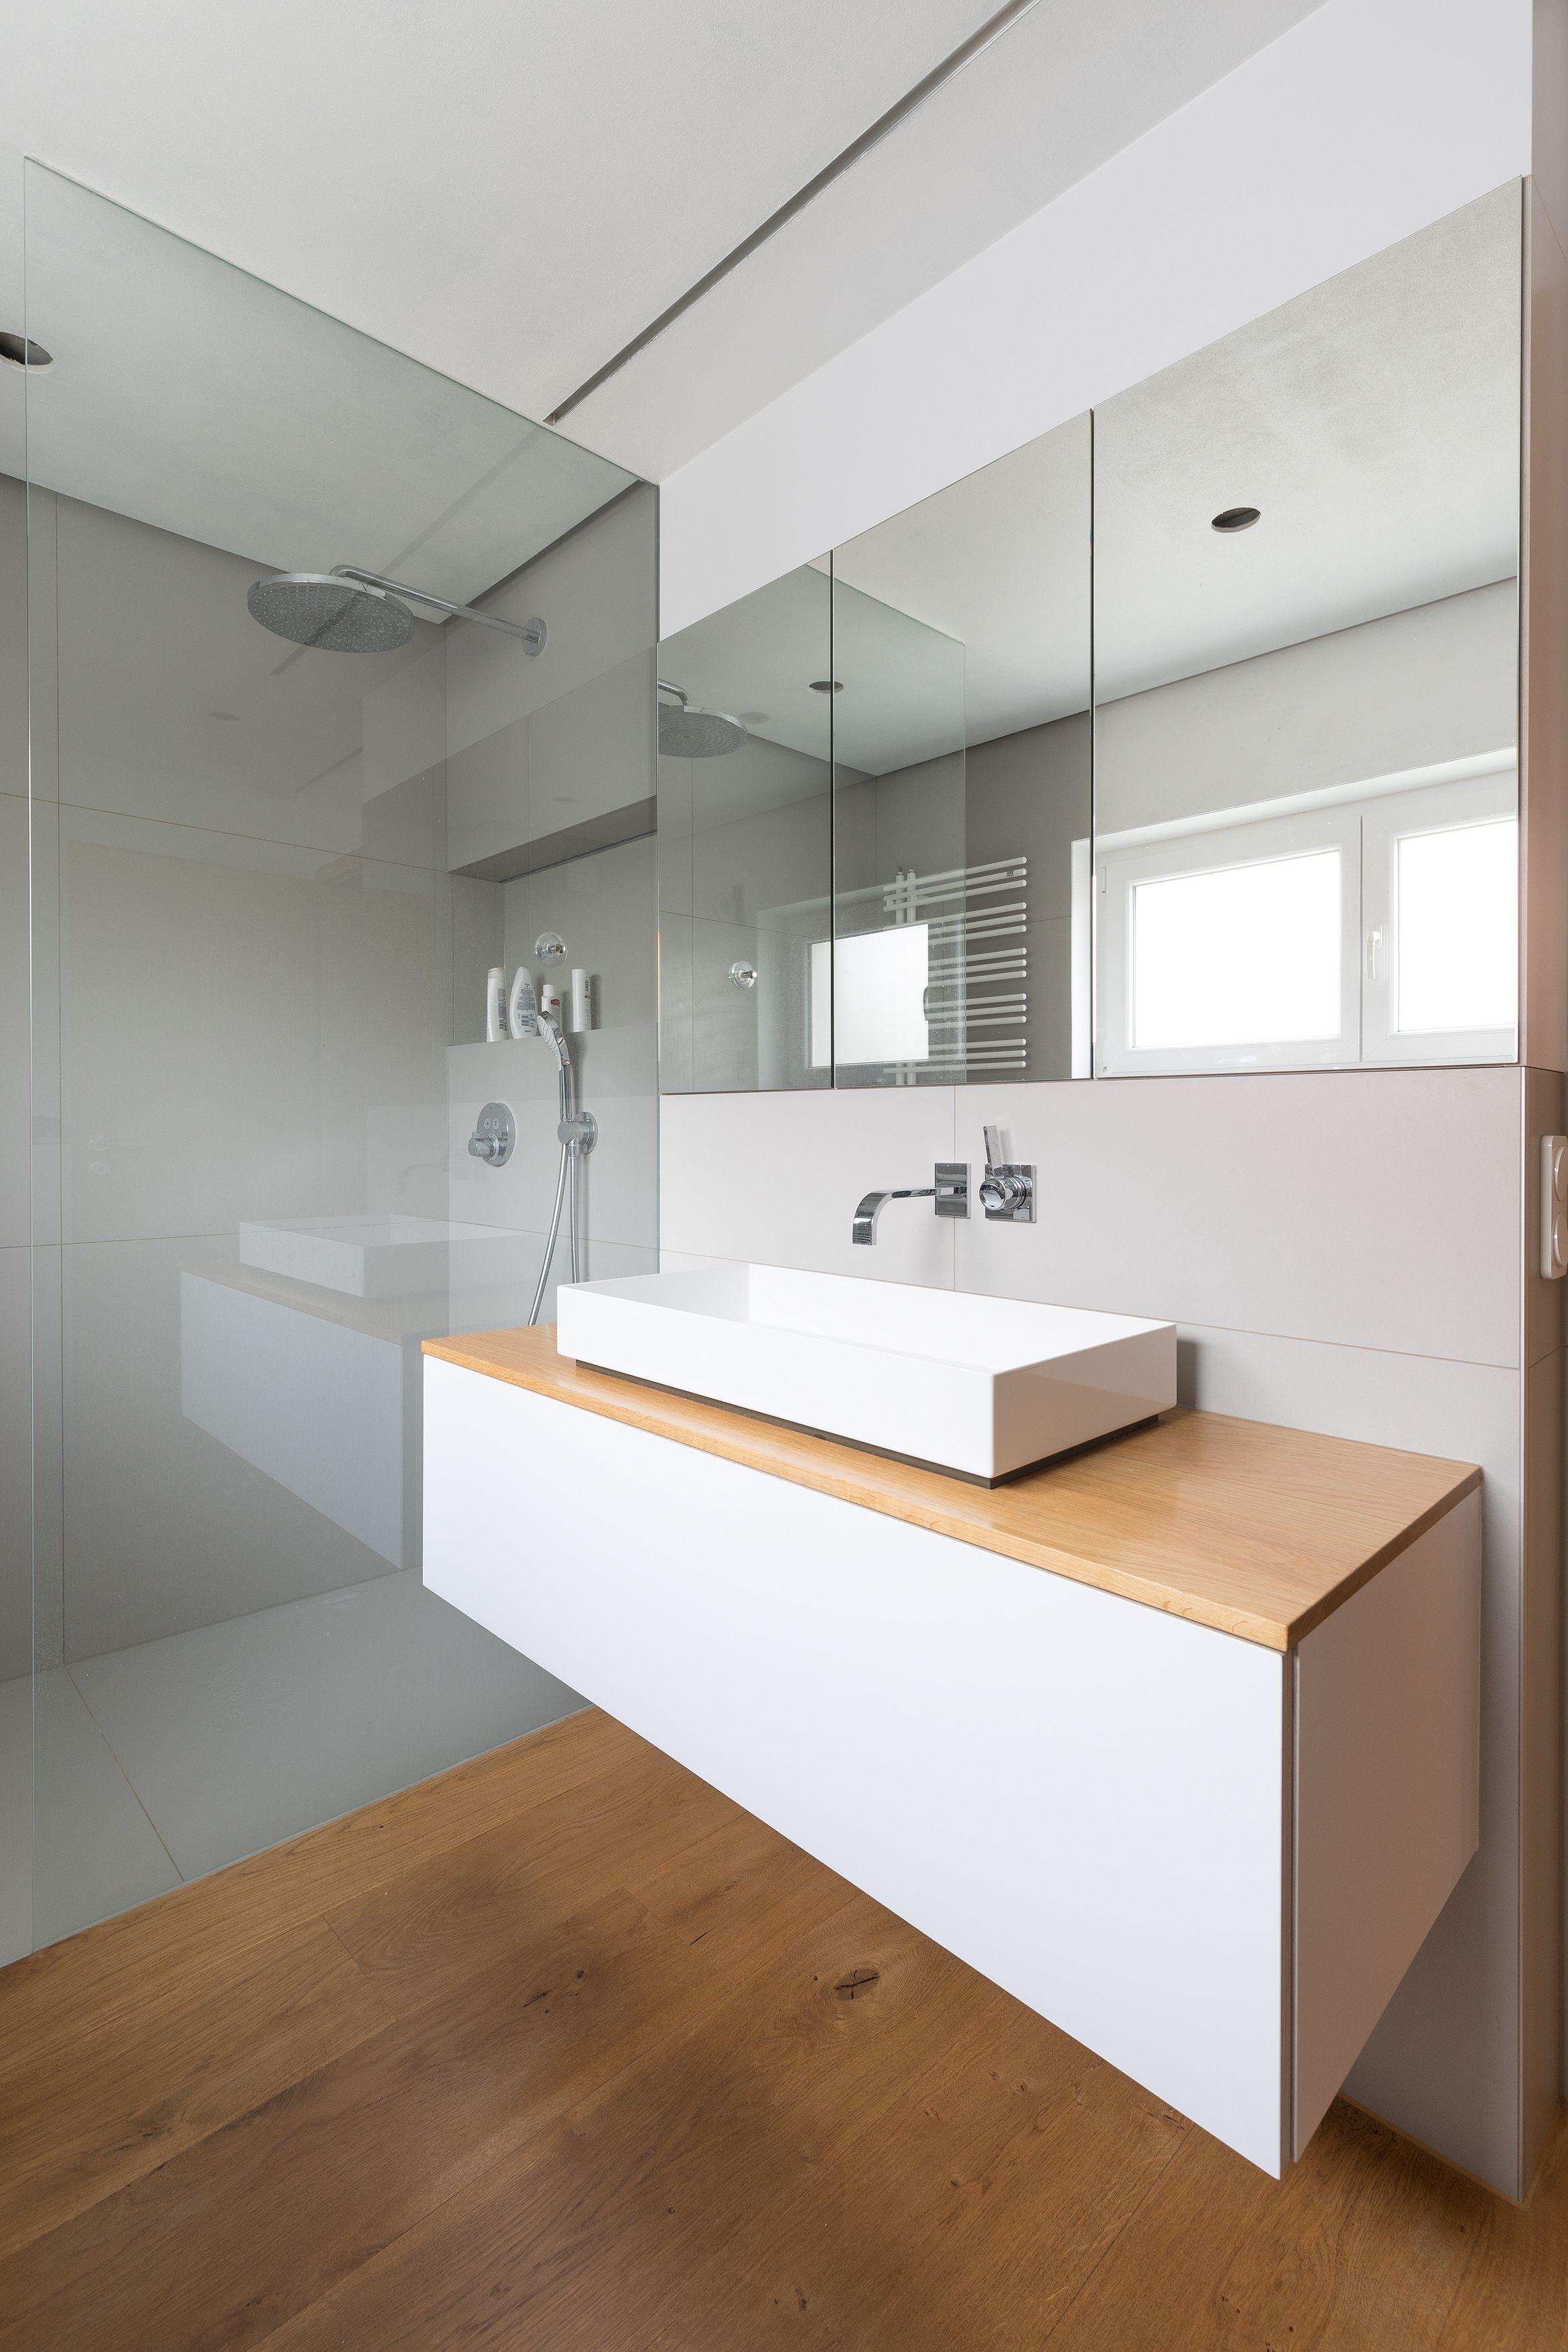 13 Bad Badezimmer Einbauschrank Badezimmerschrank Schrank   Eintagamsee   Arredamento bagno ...